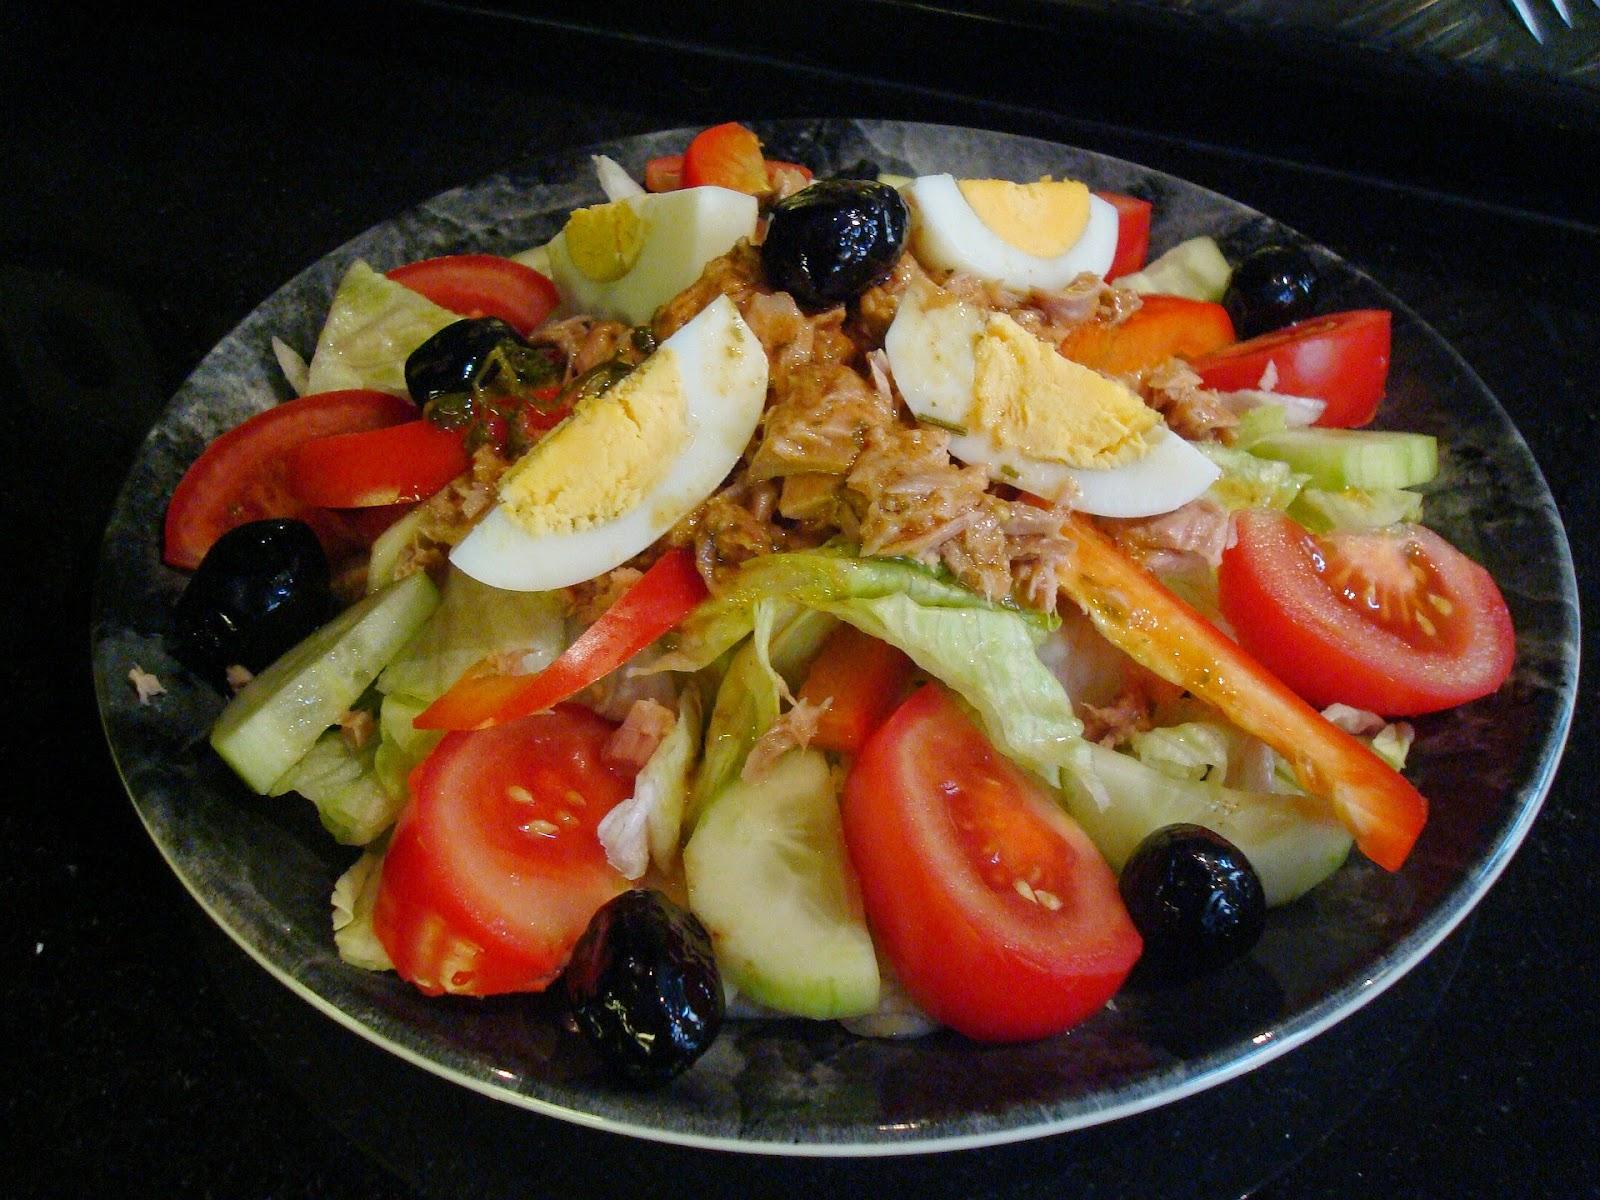 Resep Tuna Kaleng Untuk Diet Sehat dan Mudah Dibuat